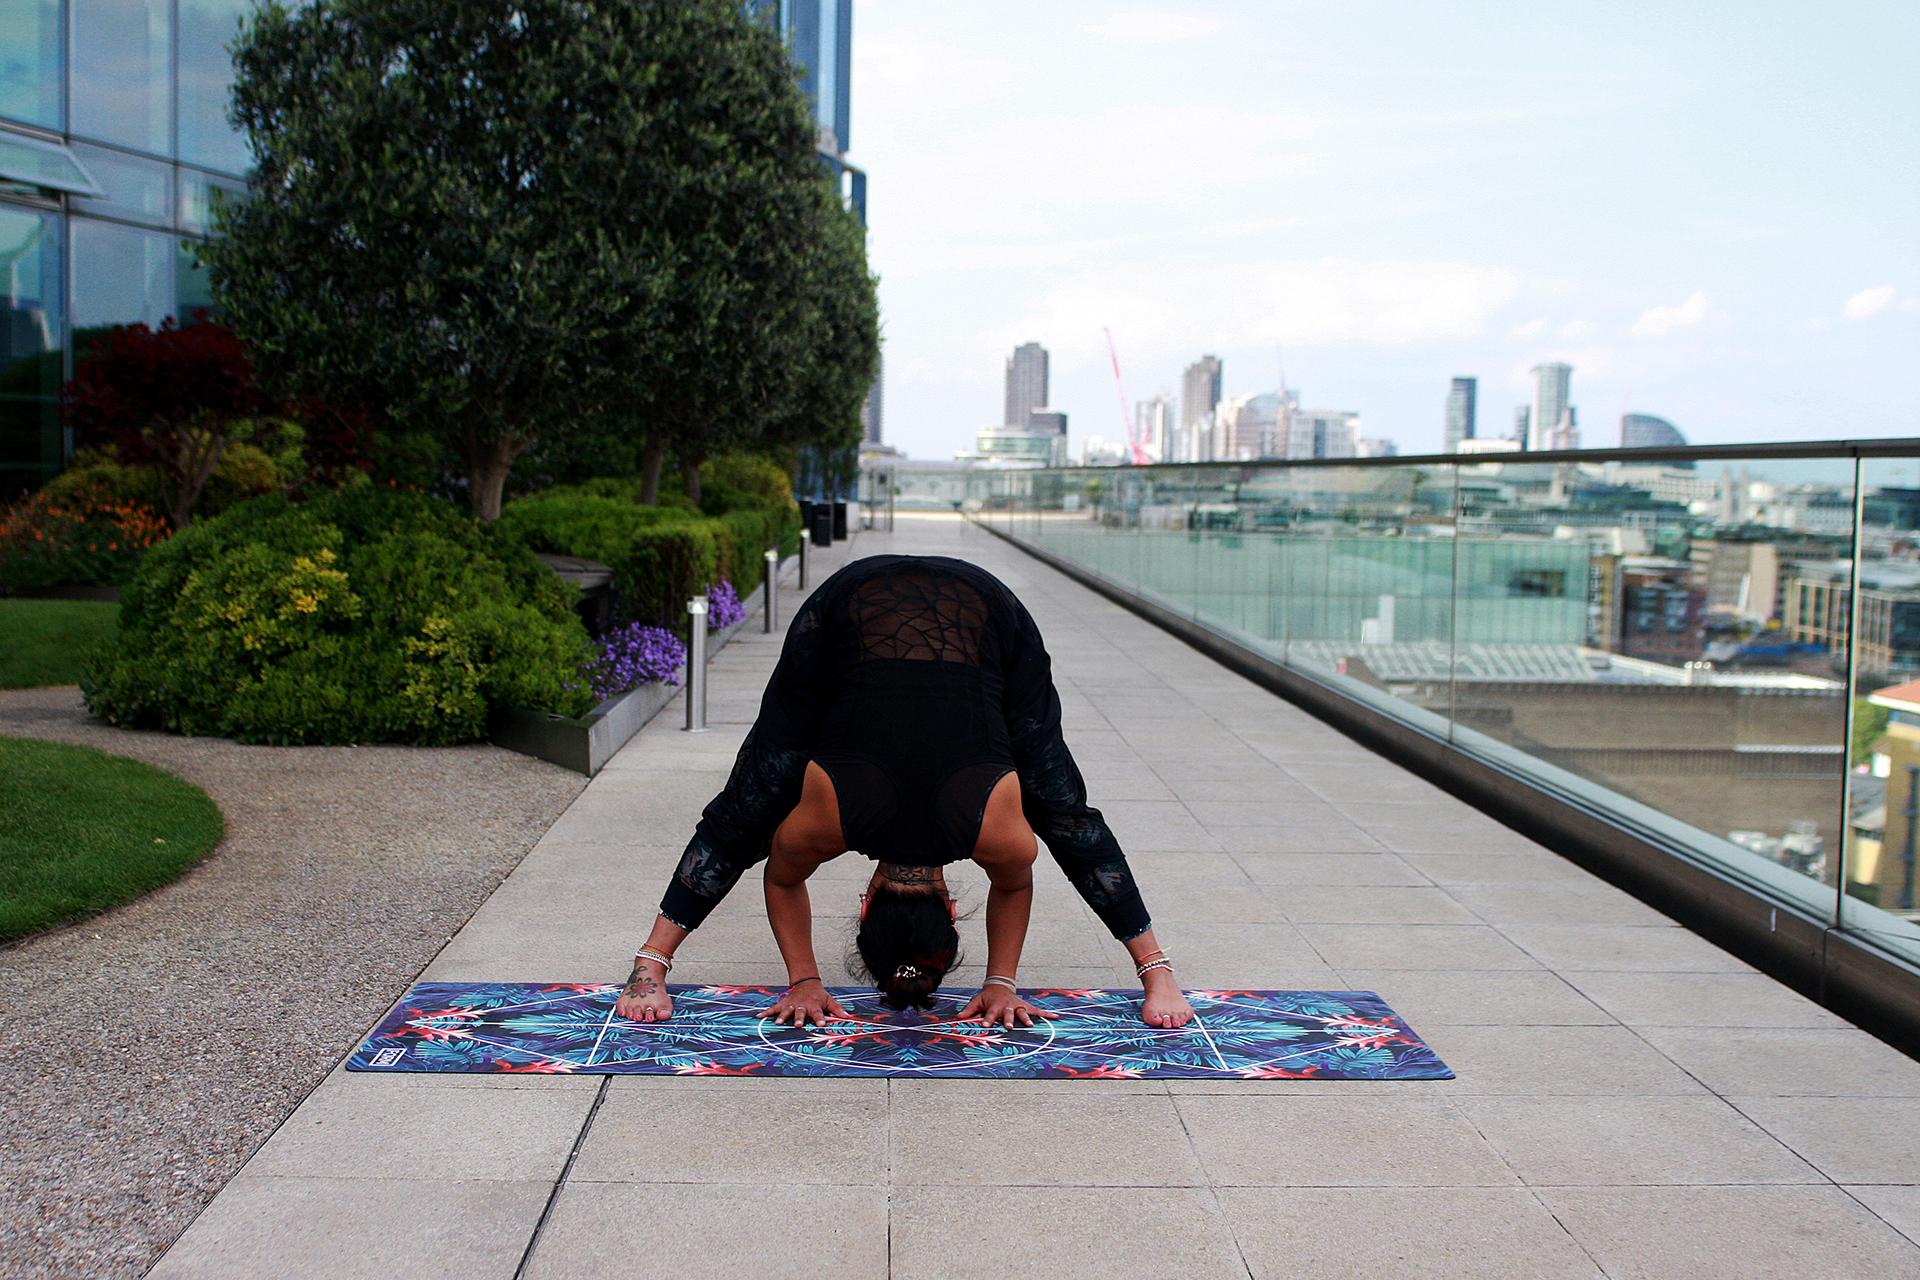 Wer schlau ist, rollt in der Mittagspause die Yogamatte aus - vielleicht machen ja sogar ein paar Kollegen mit?